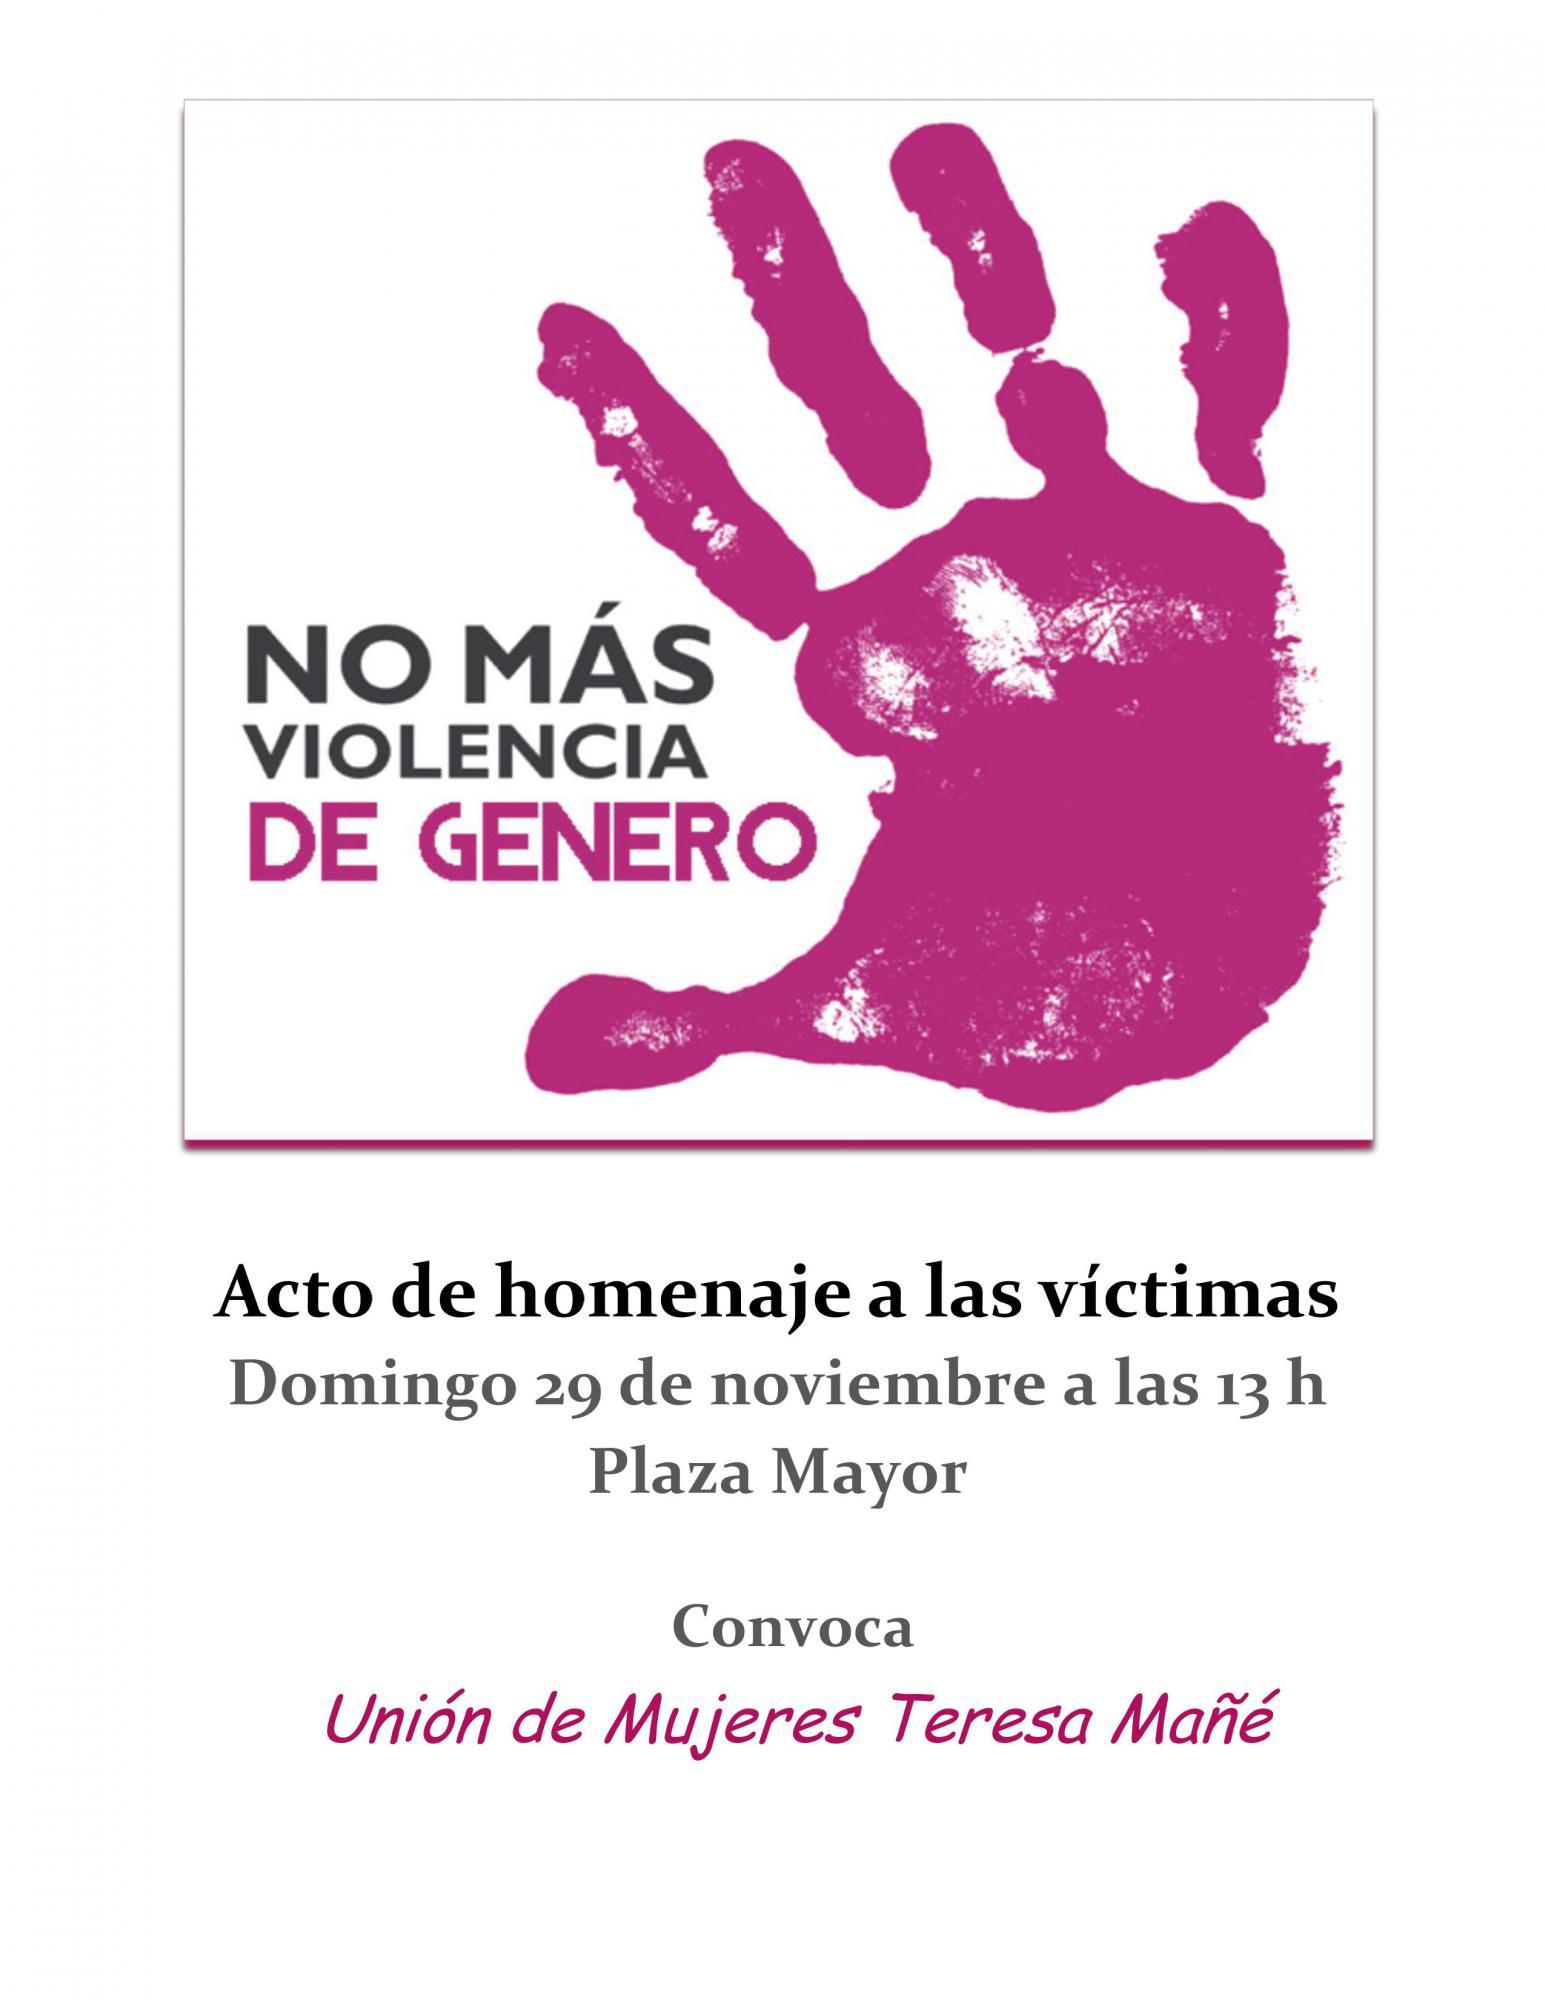 La Unión de Mujeres `Teresa Mañé´ organiza un homenaje a las víctimas de la violencia machista